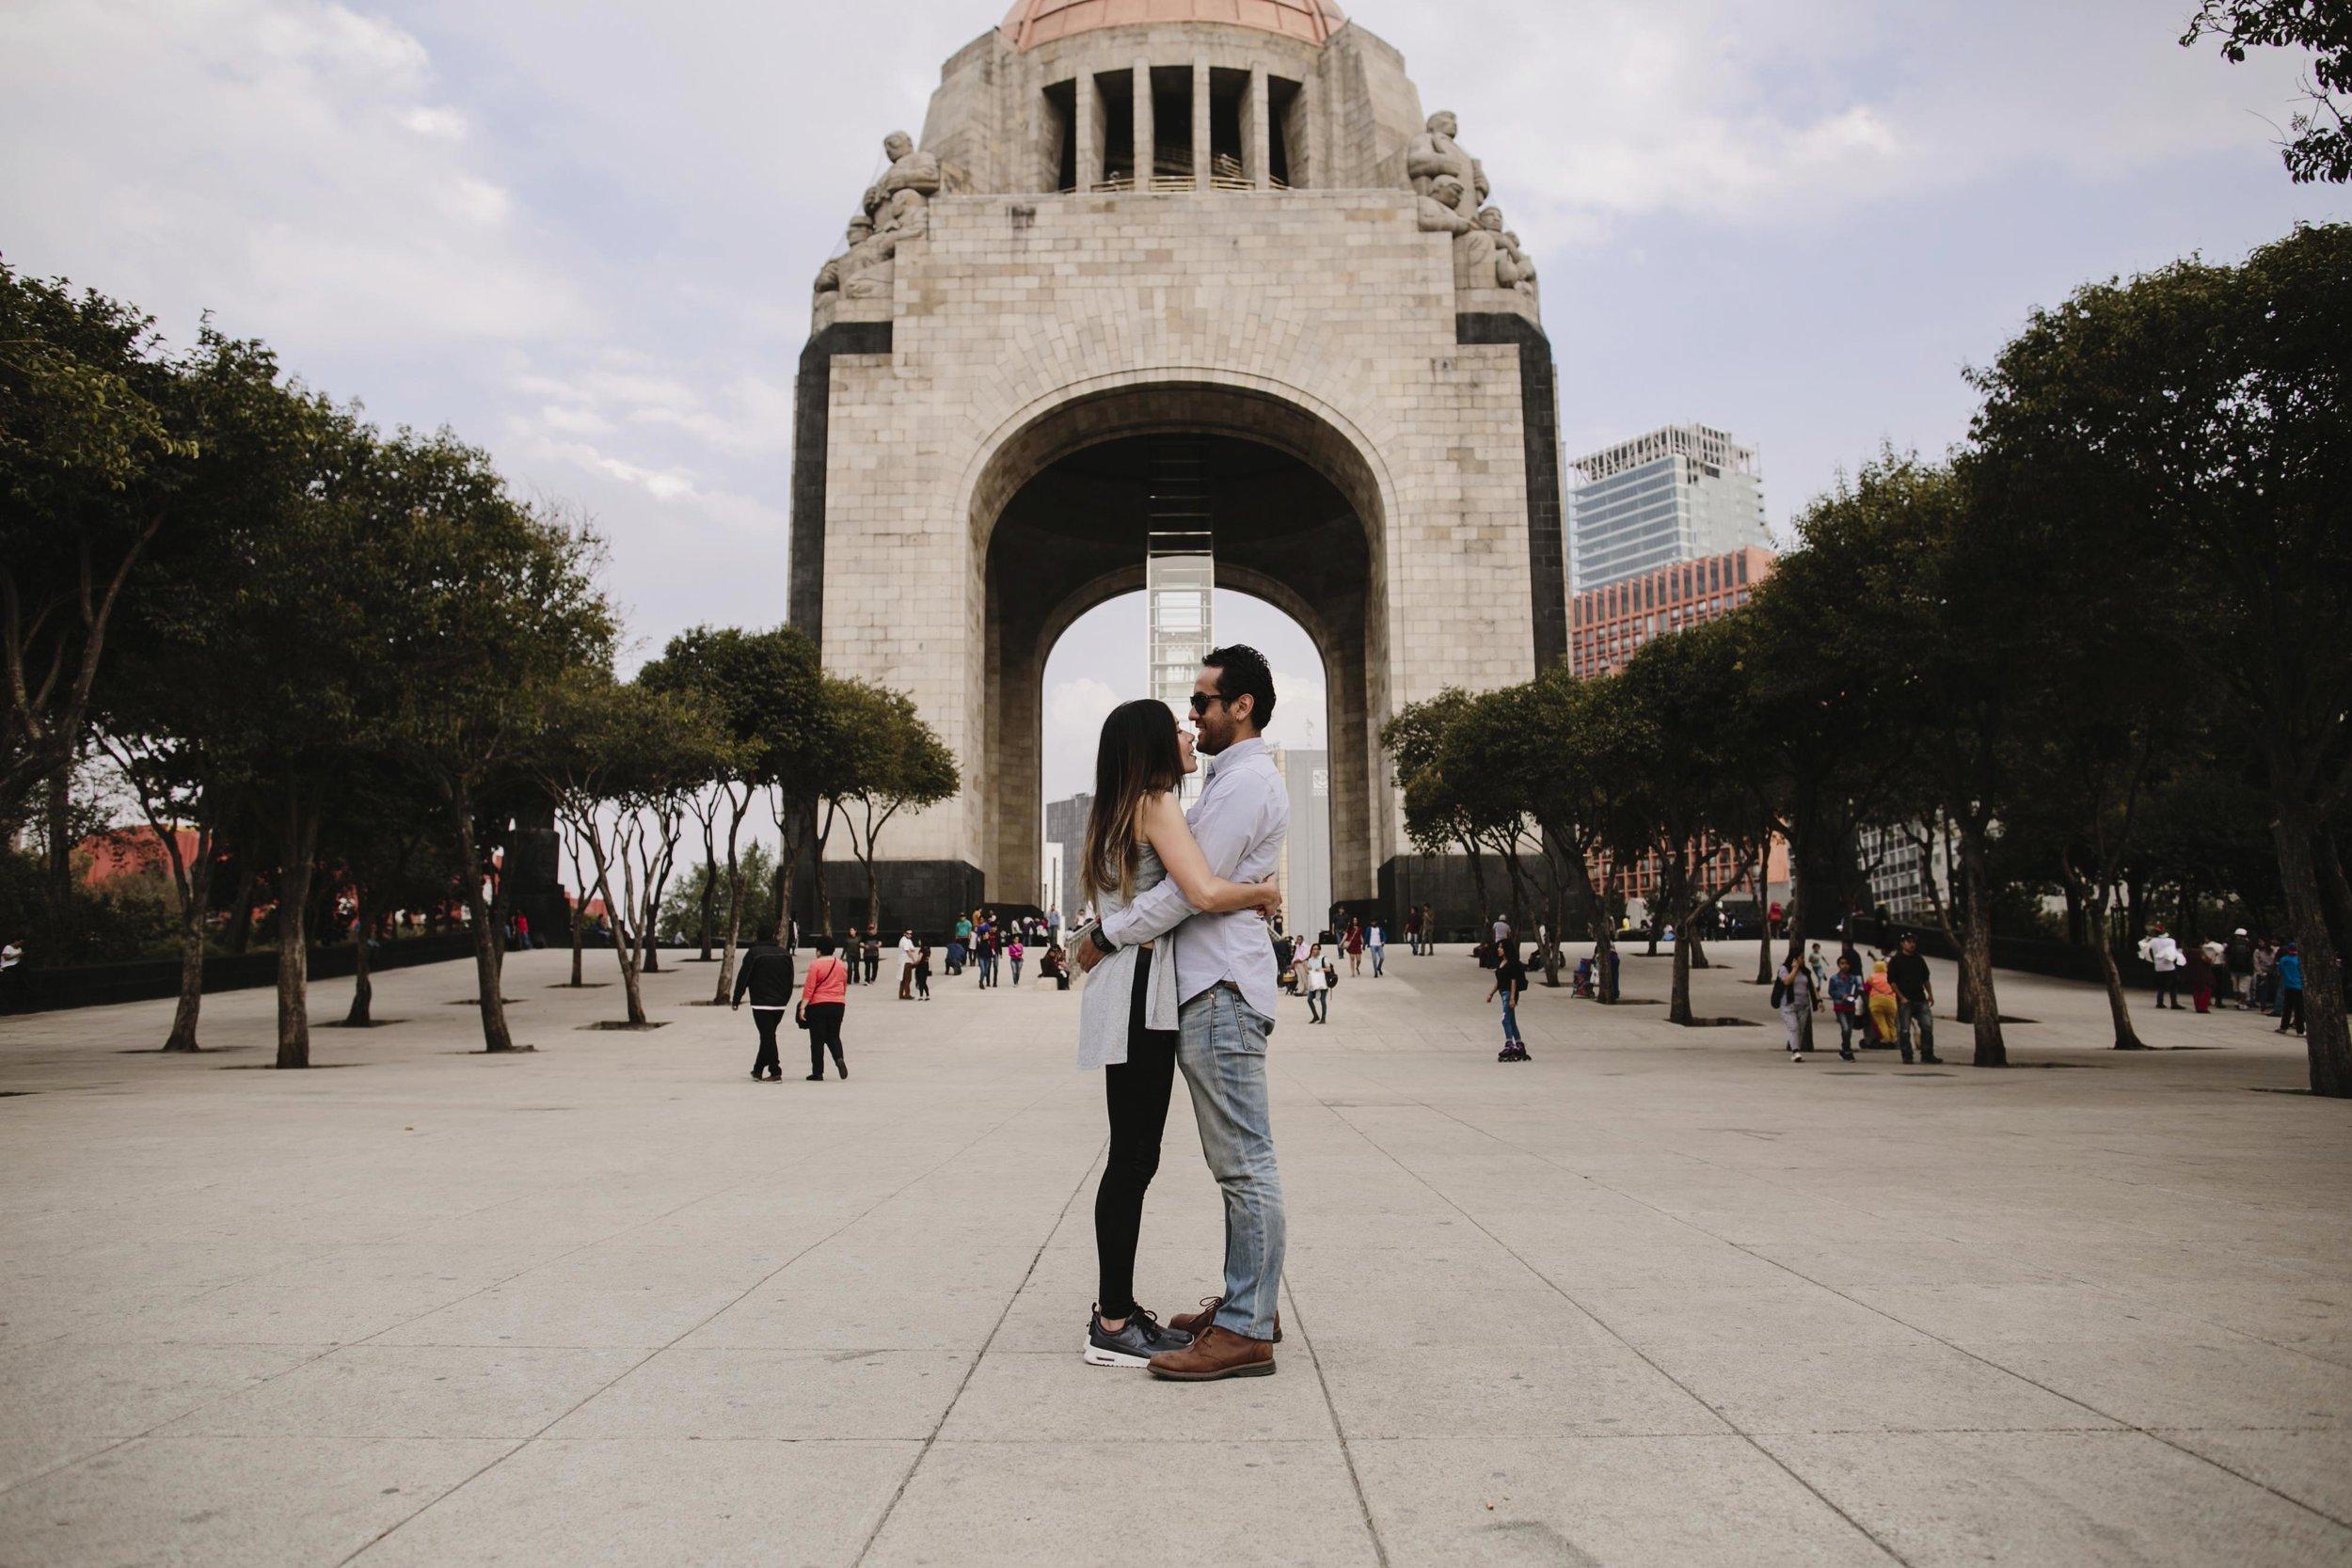 alfonso_flores_destination_wedding_photography_ciudad_de_mexico36.jpg